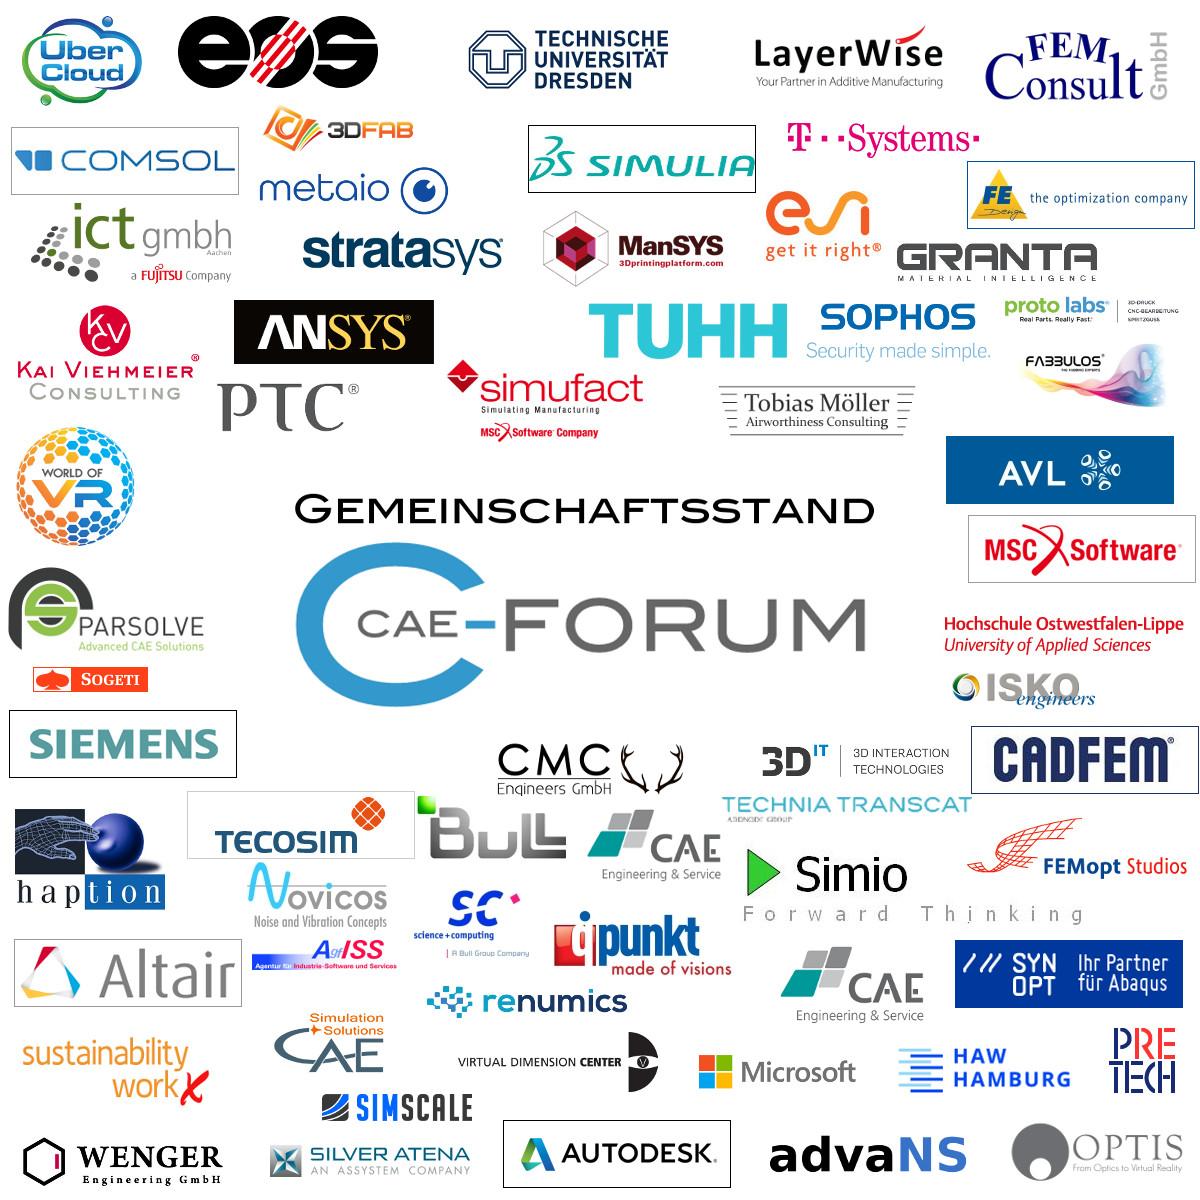 Vortragende Unternehmen auf dem CAE-Forum Gemeinschaftsstand